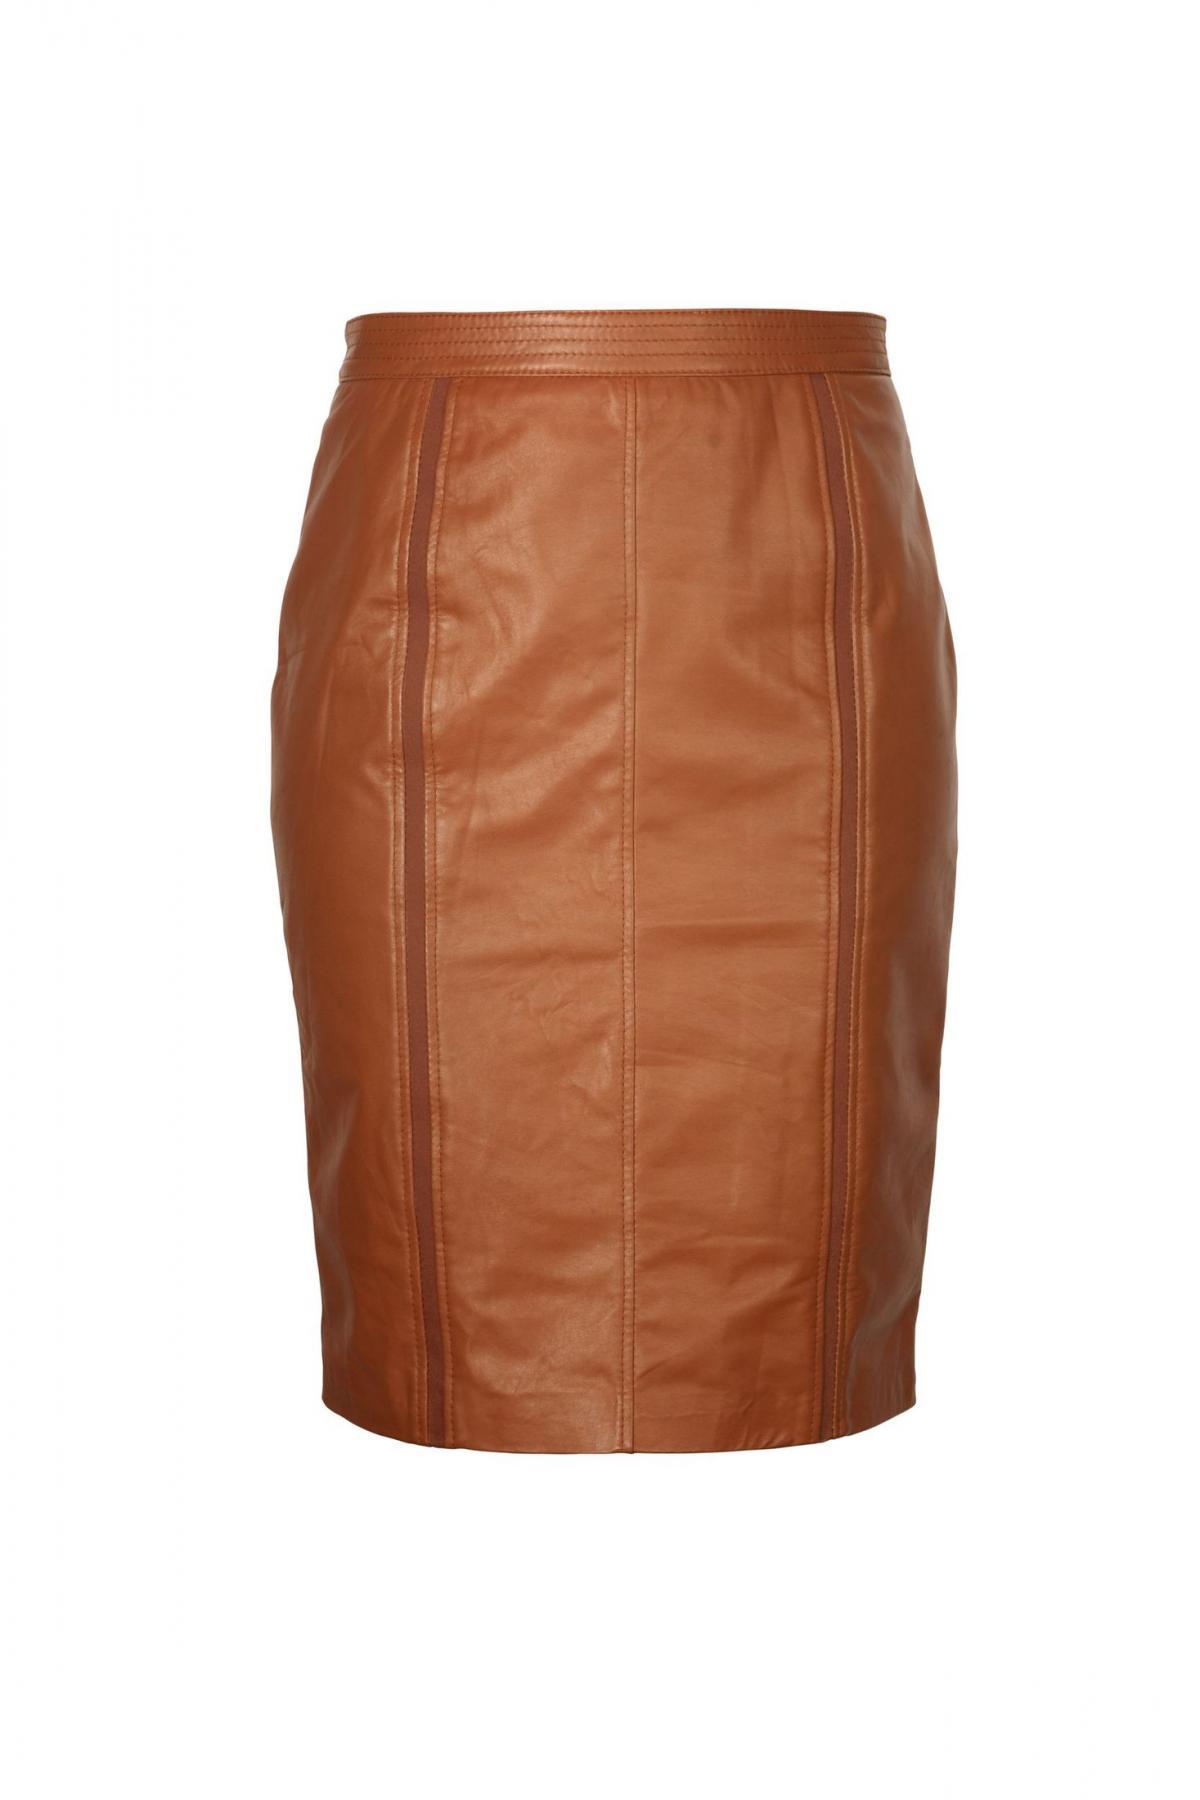 brązowa spódnica Ochnik  - trendy 2013